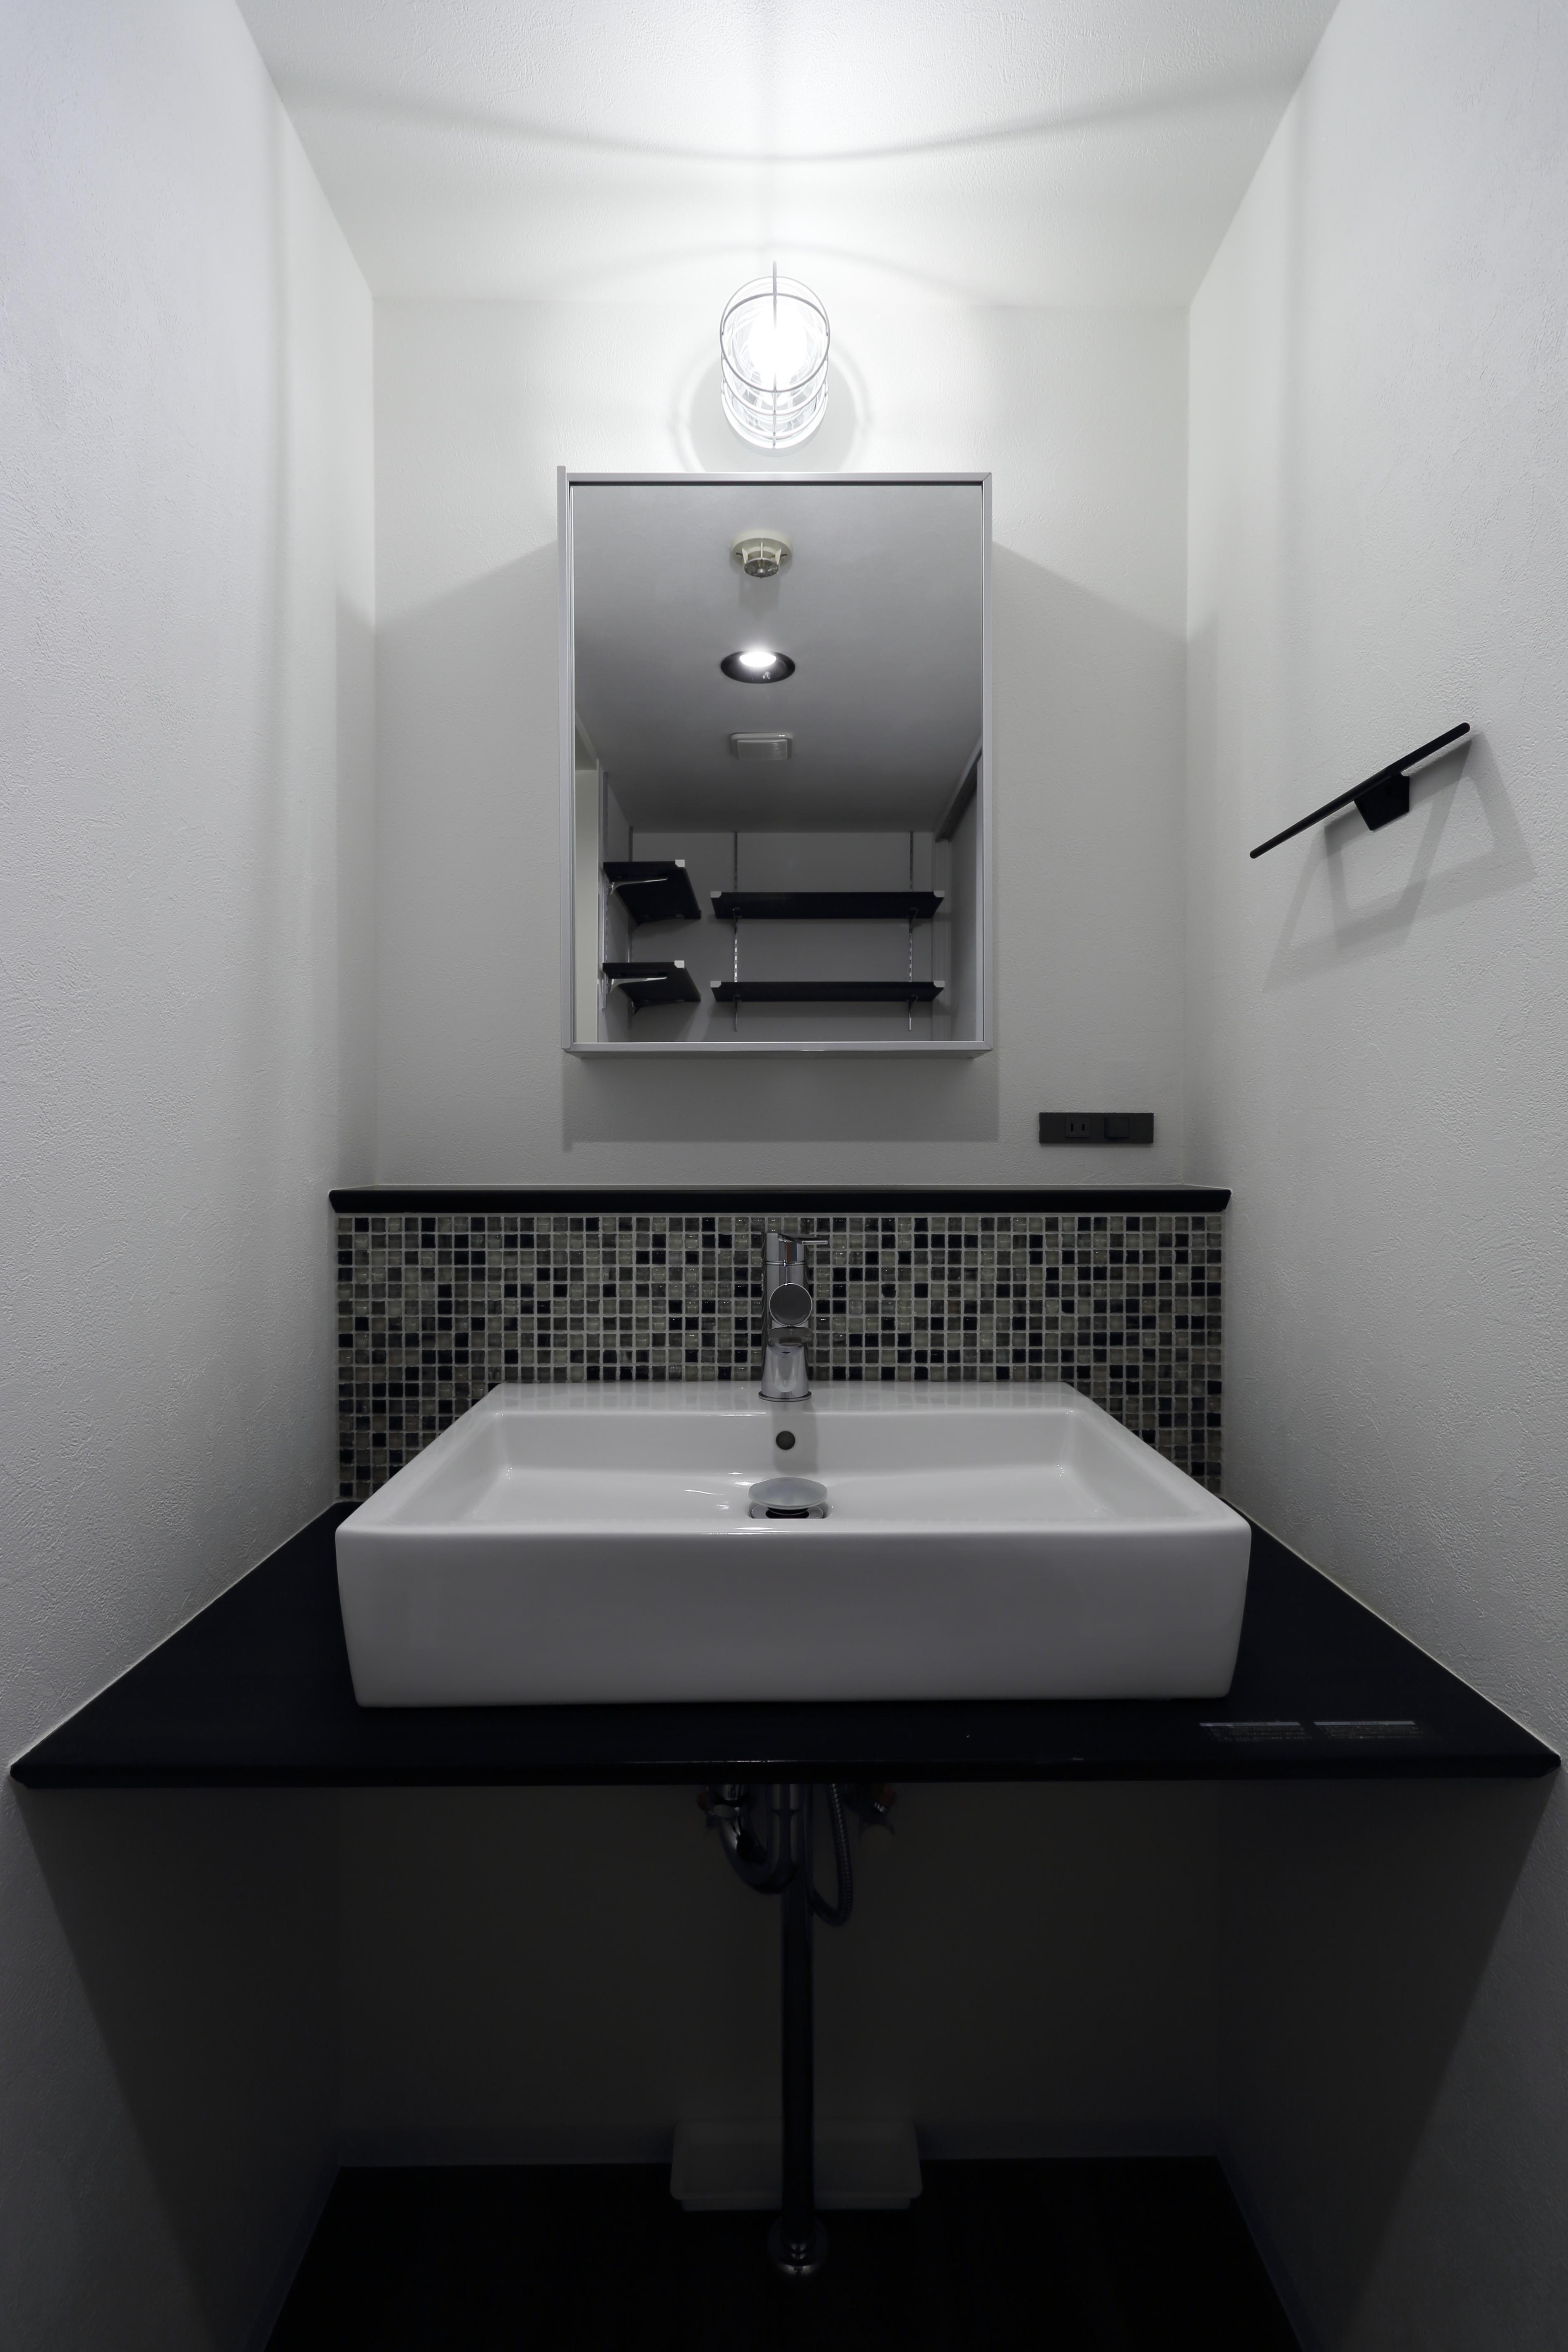 オシャレなベッセルタイプの洗面台 Br アクセントにモザイク